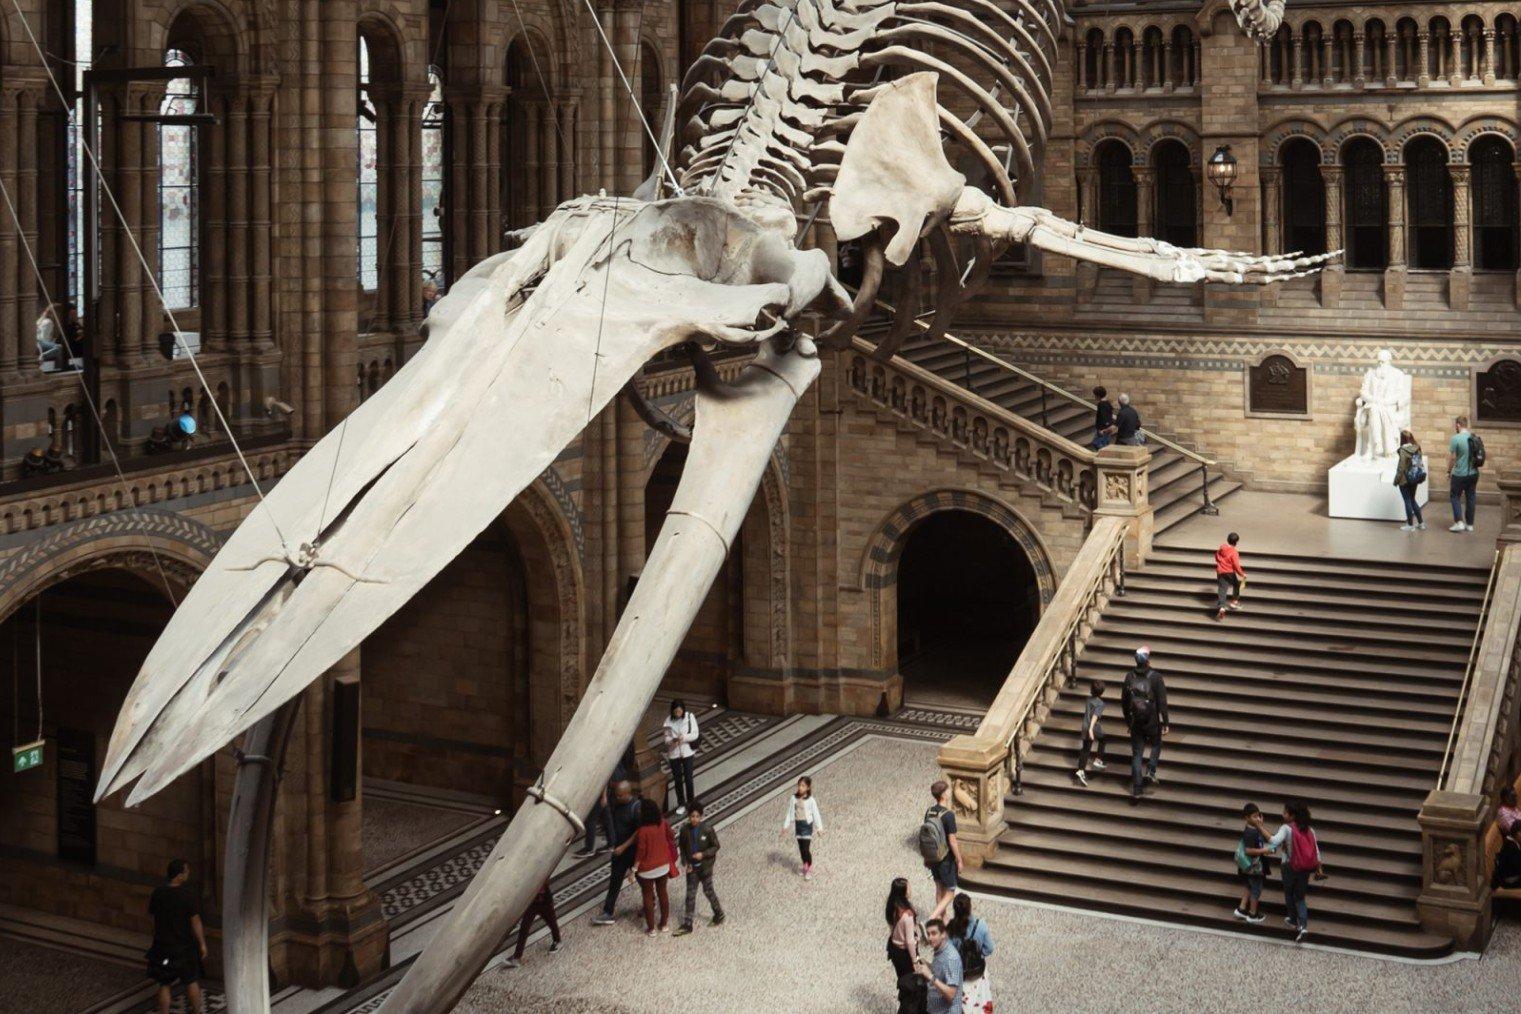 Музей естествознания, Лондон. Туризм, информация о музее